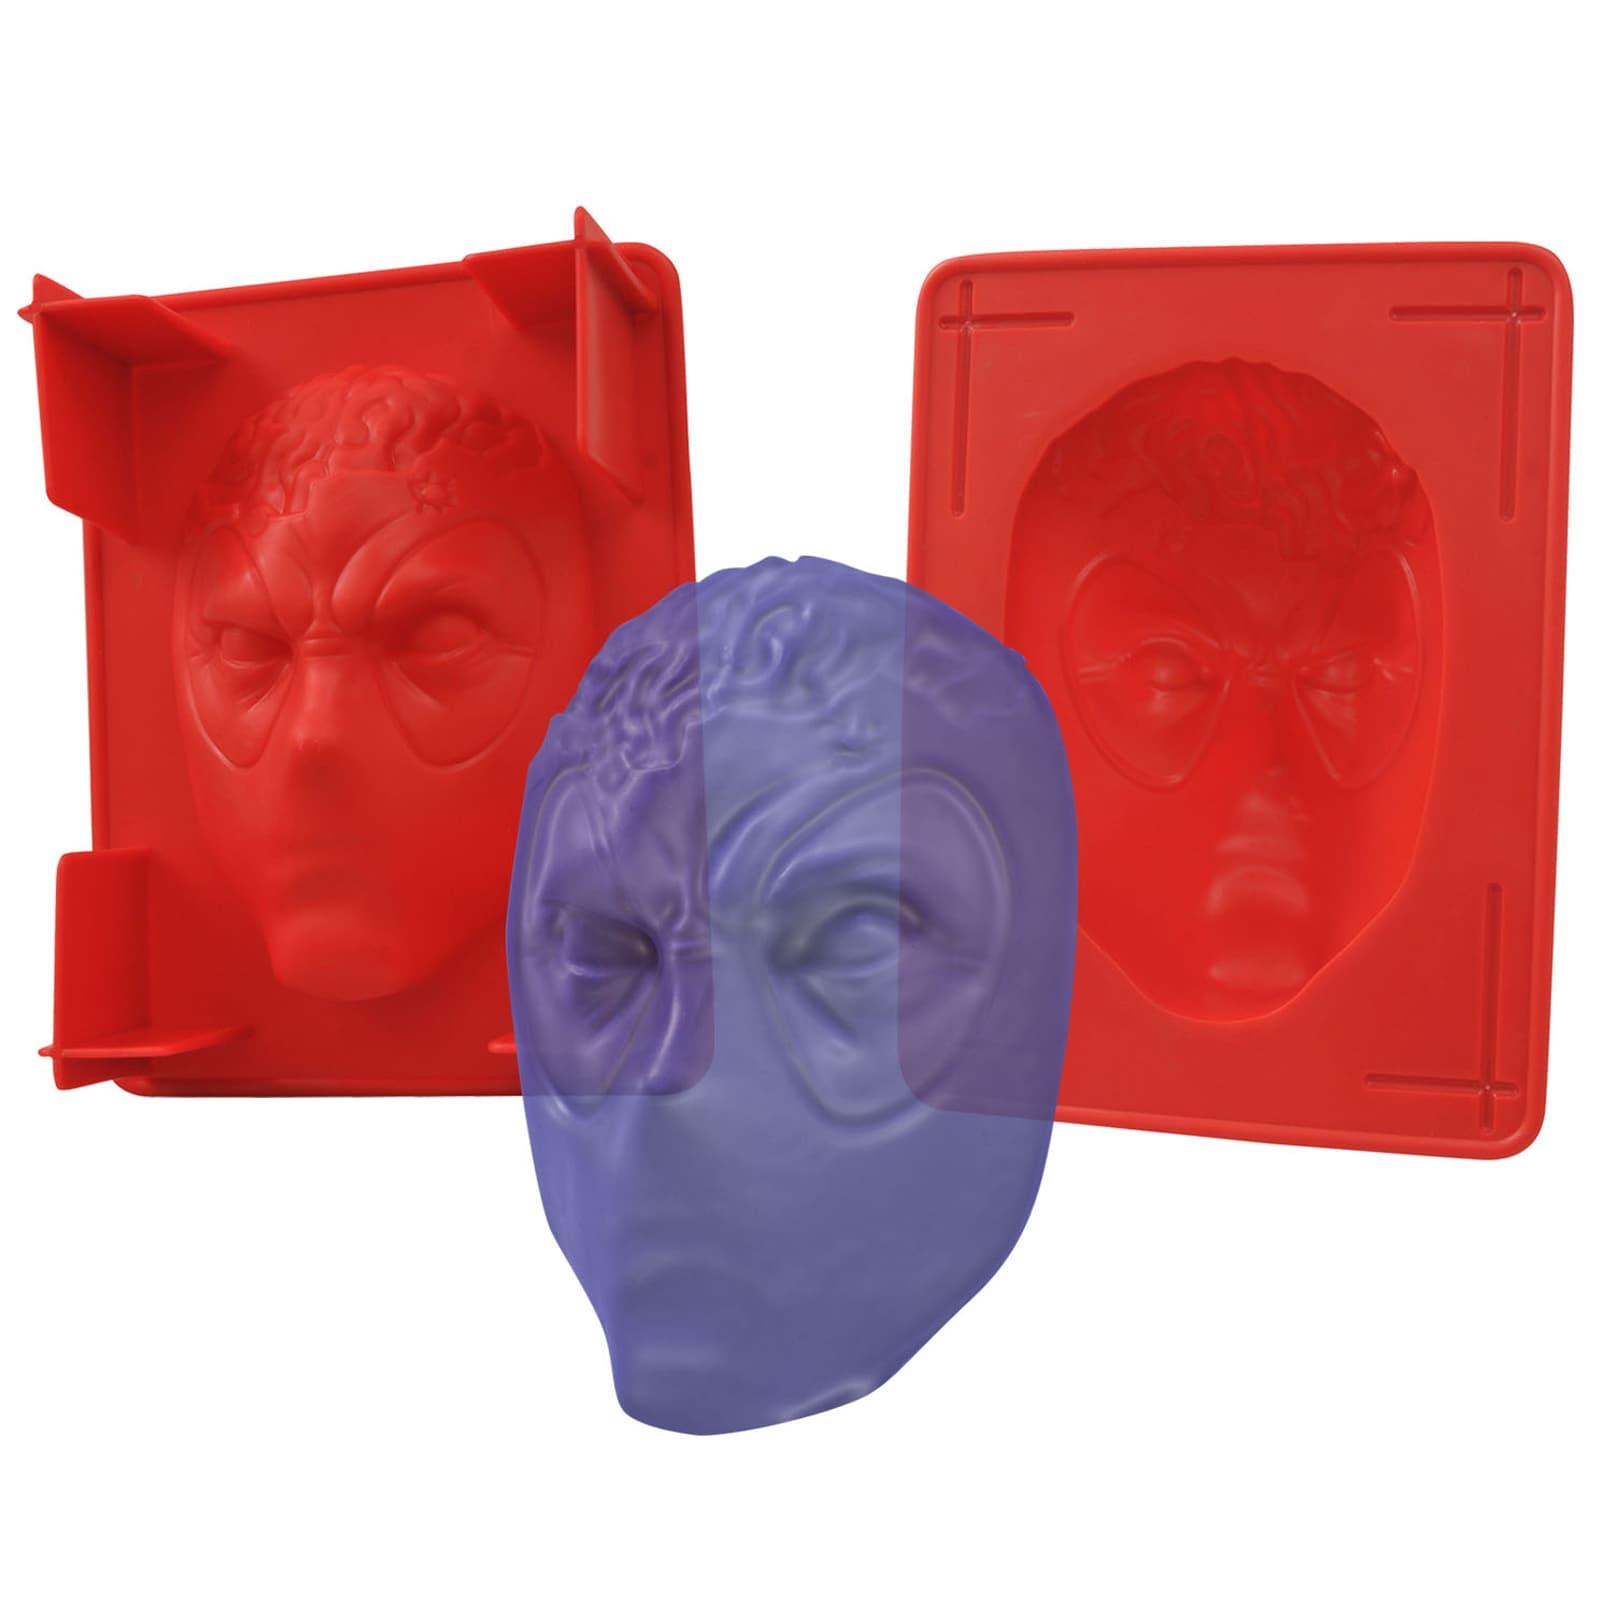 Diamond Select Toys Marvel Deadpool Gelatin Mold (G699788...